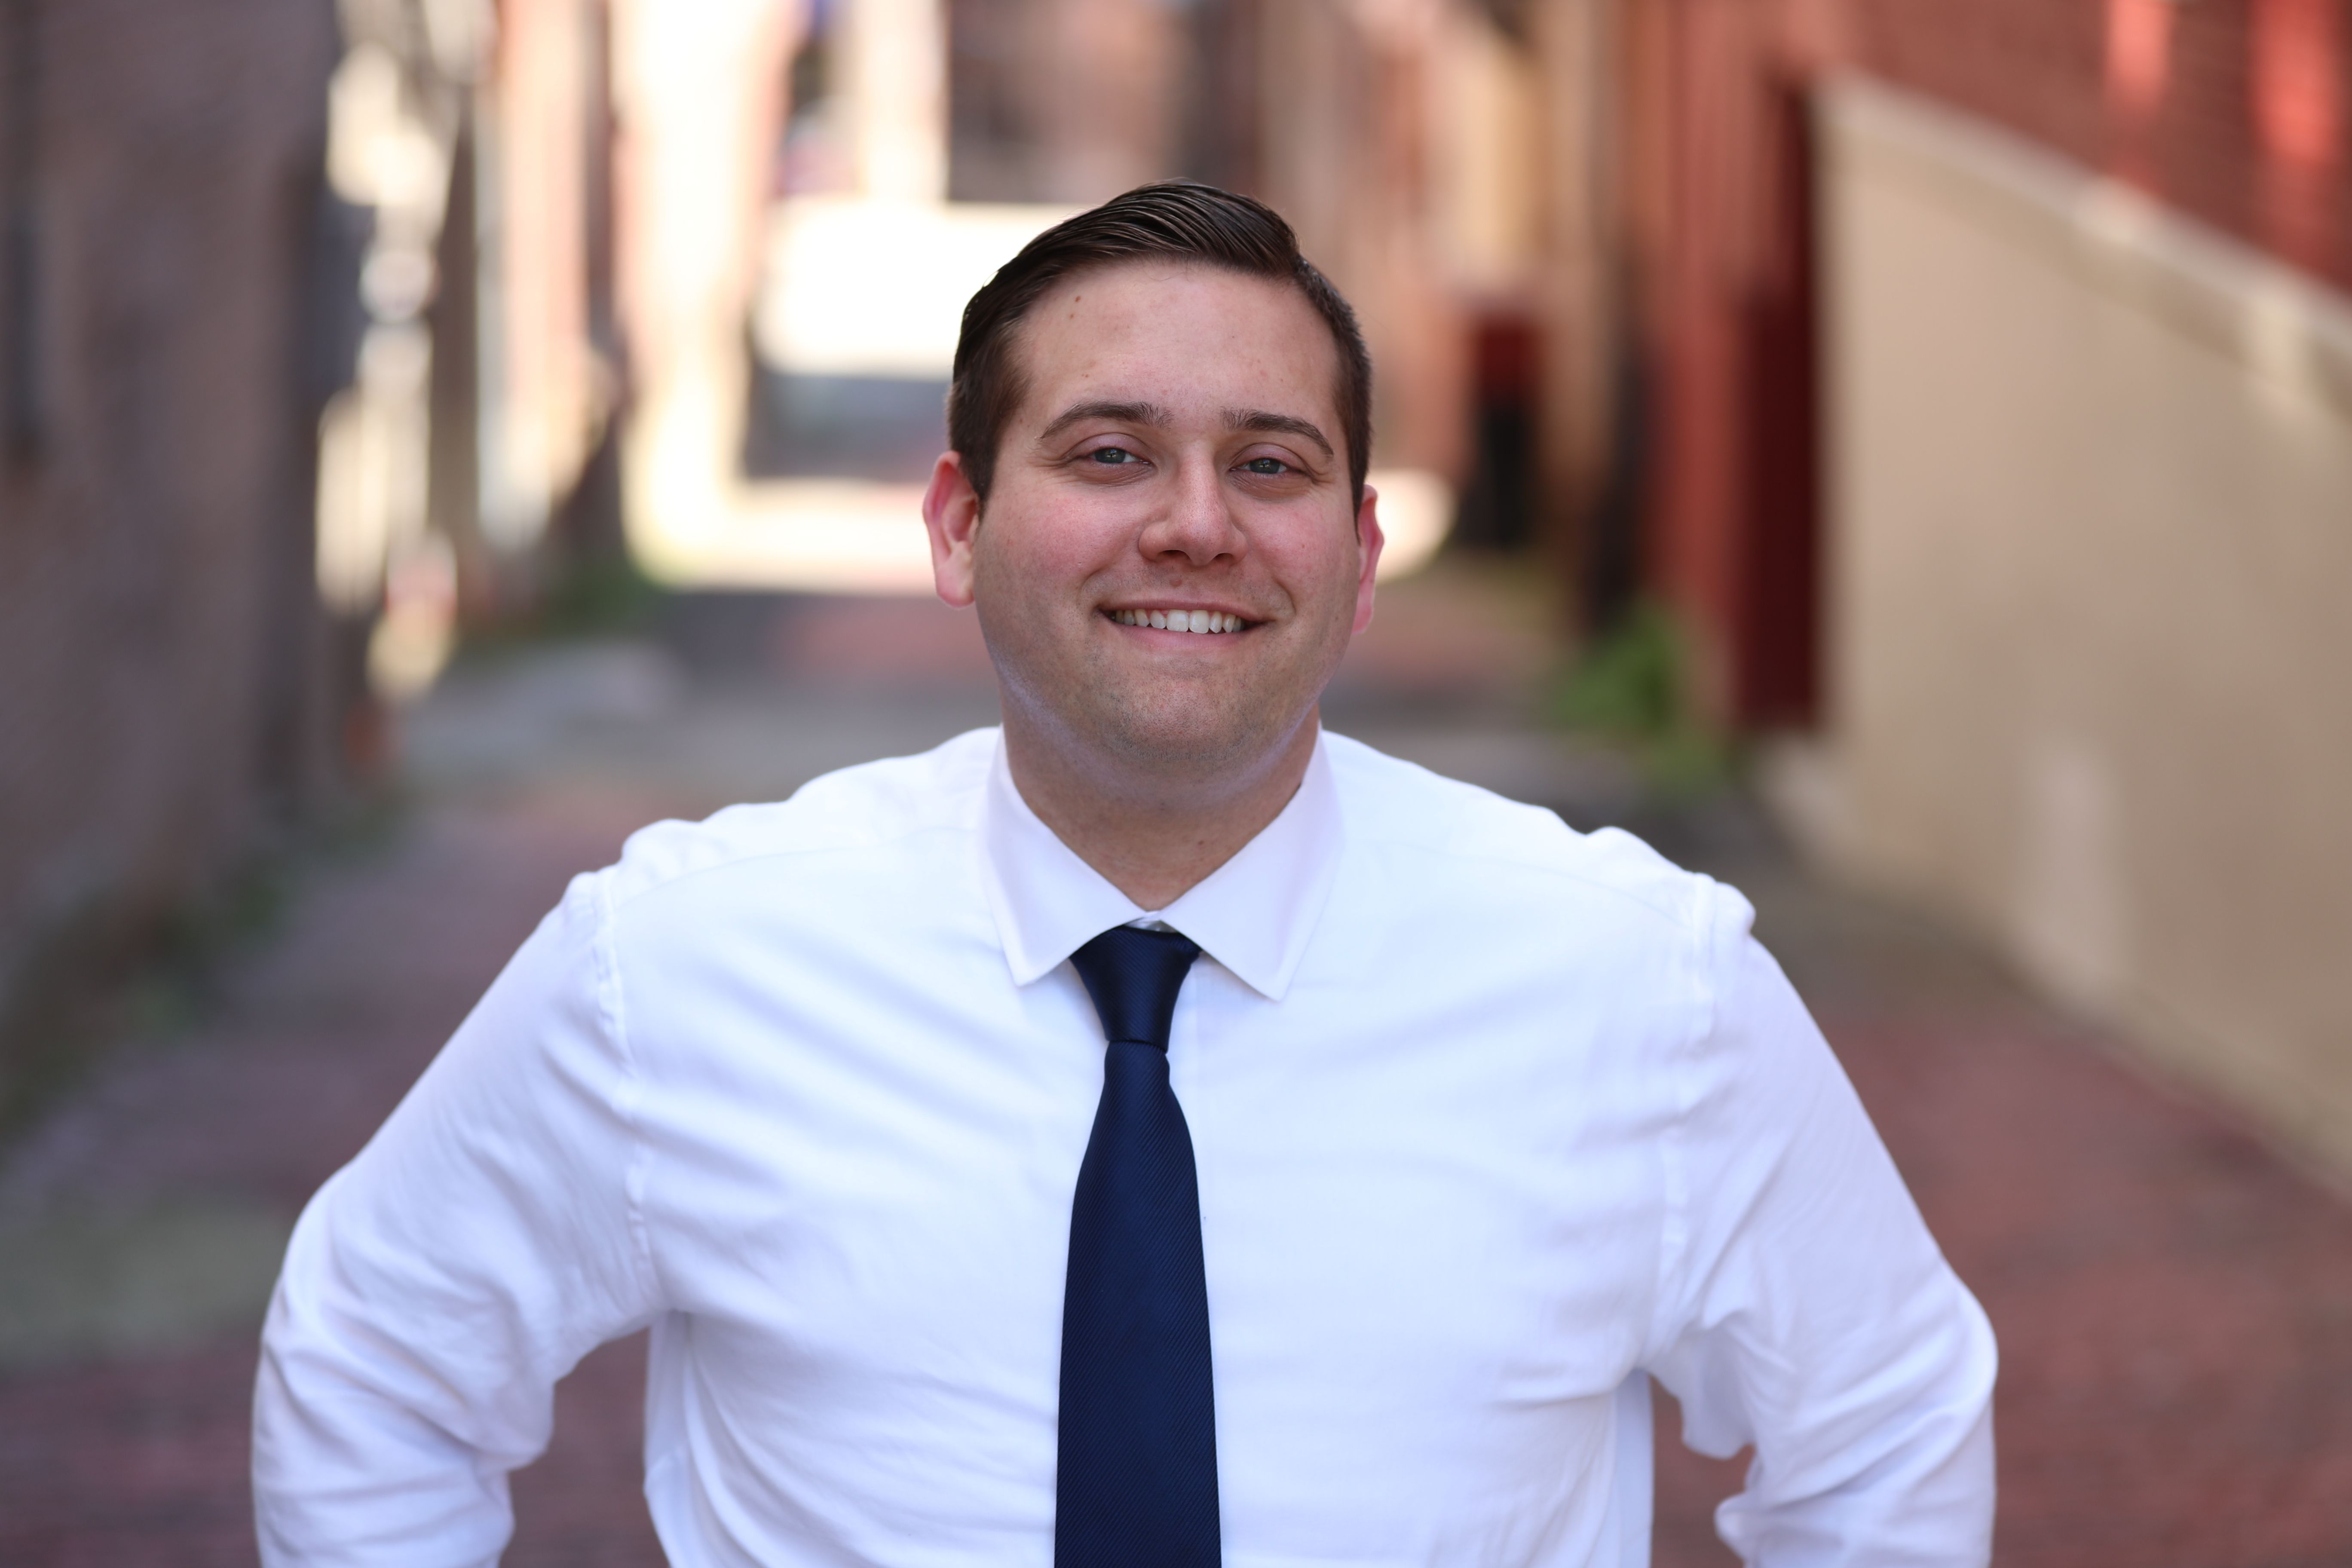 Jamestown Mayor Elect Eddie Sundquist